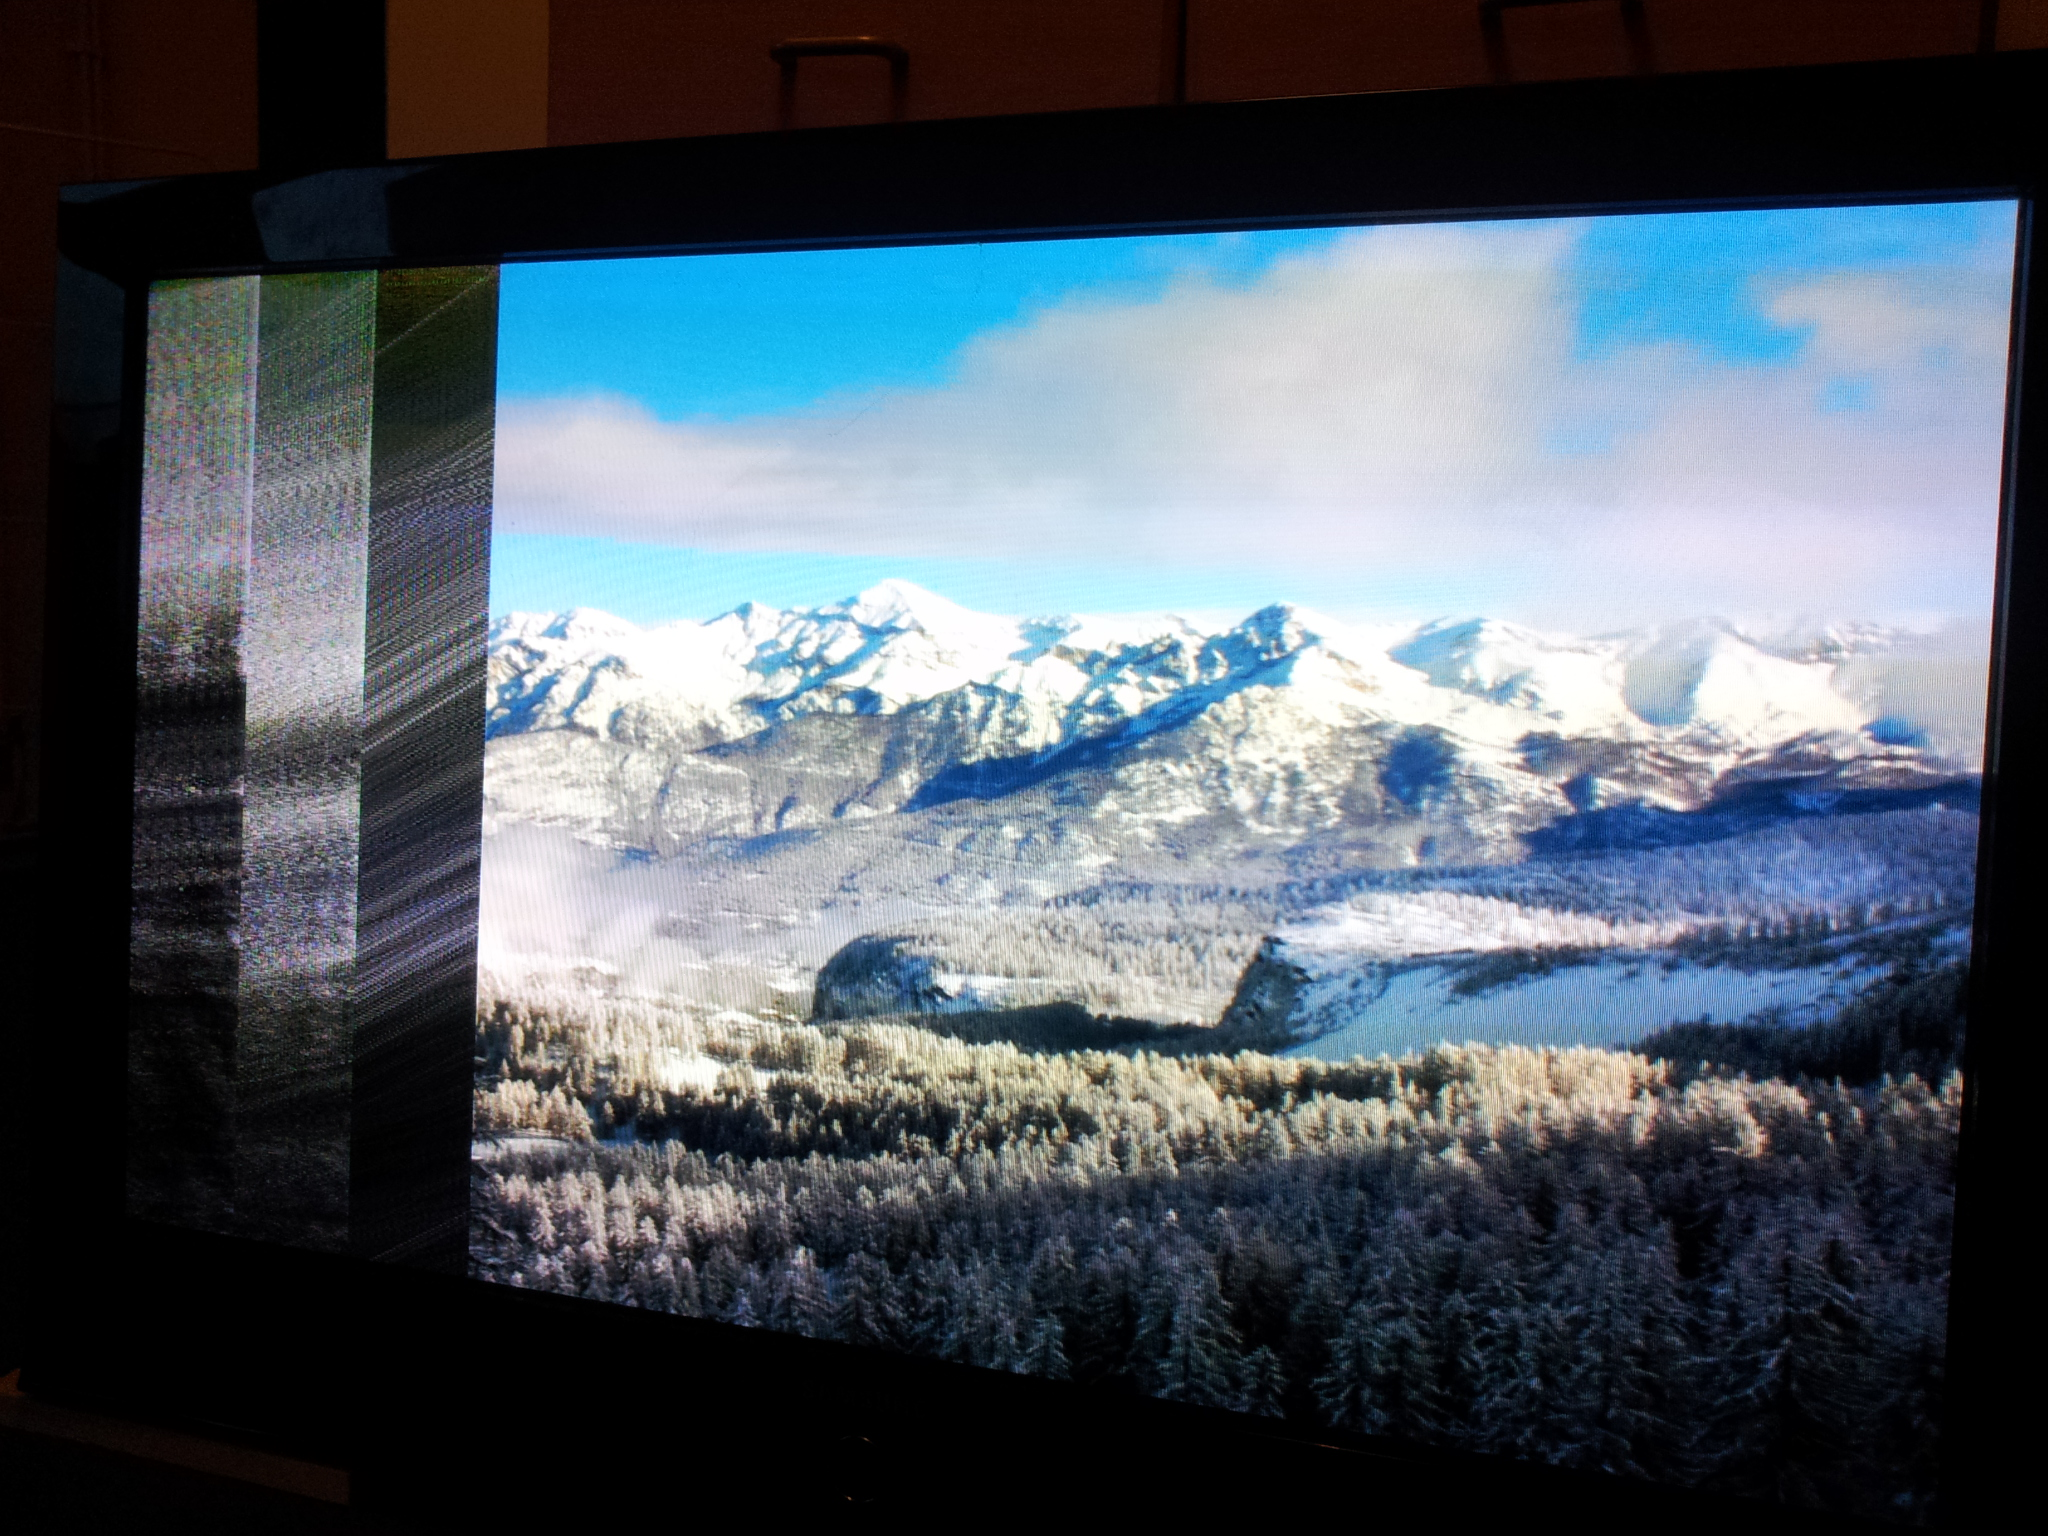 PS42Q97HD - zanika obraz - Zak��cenia na cz�ci obrazu (3 sekcje)